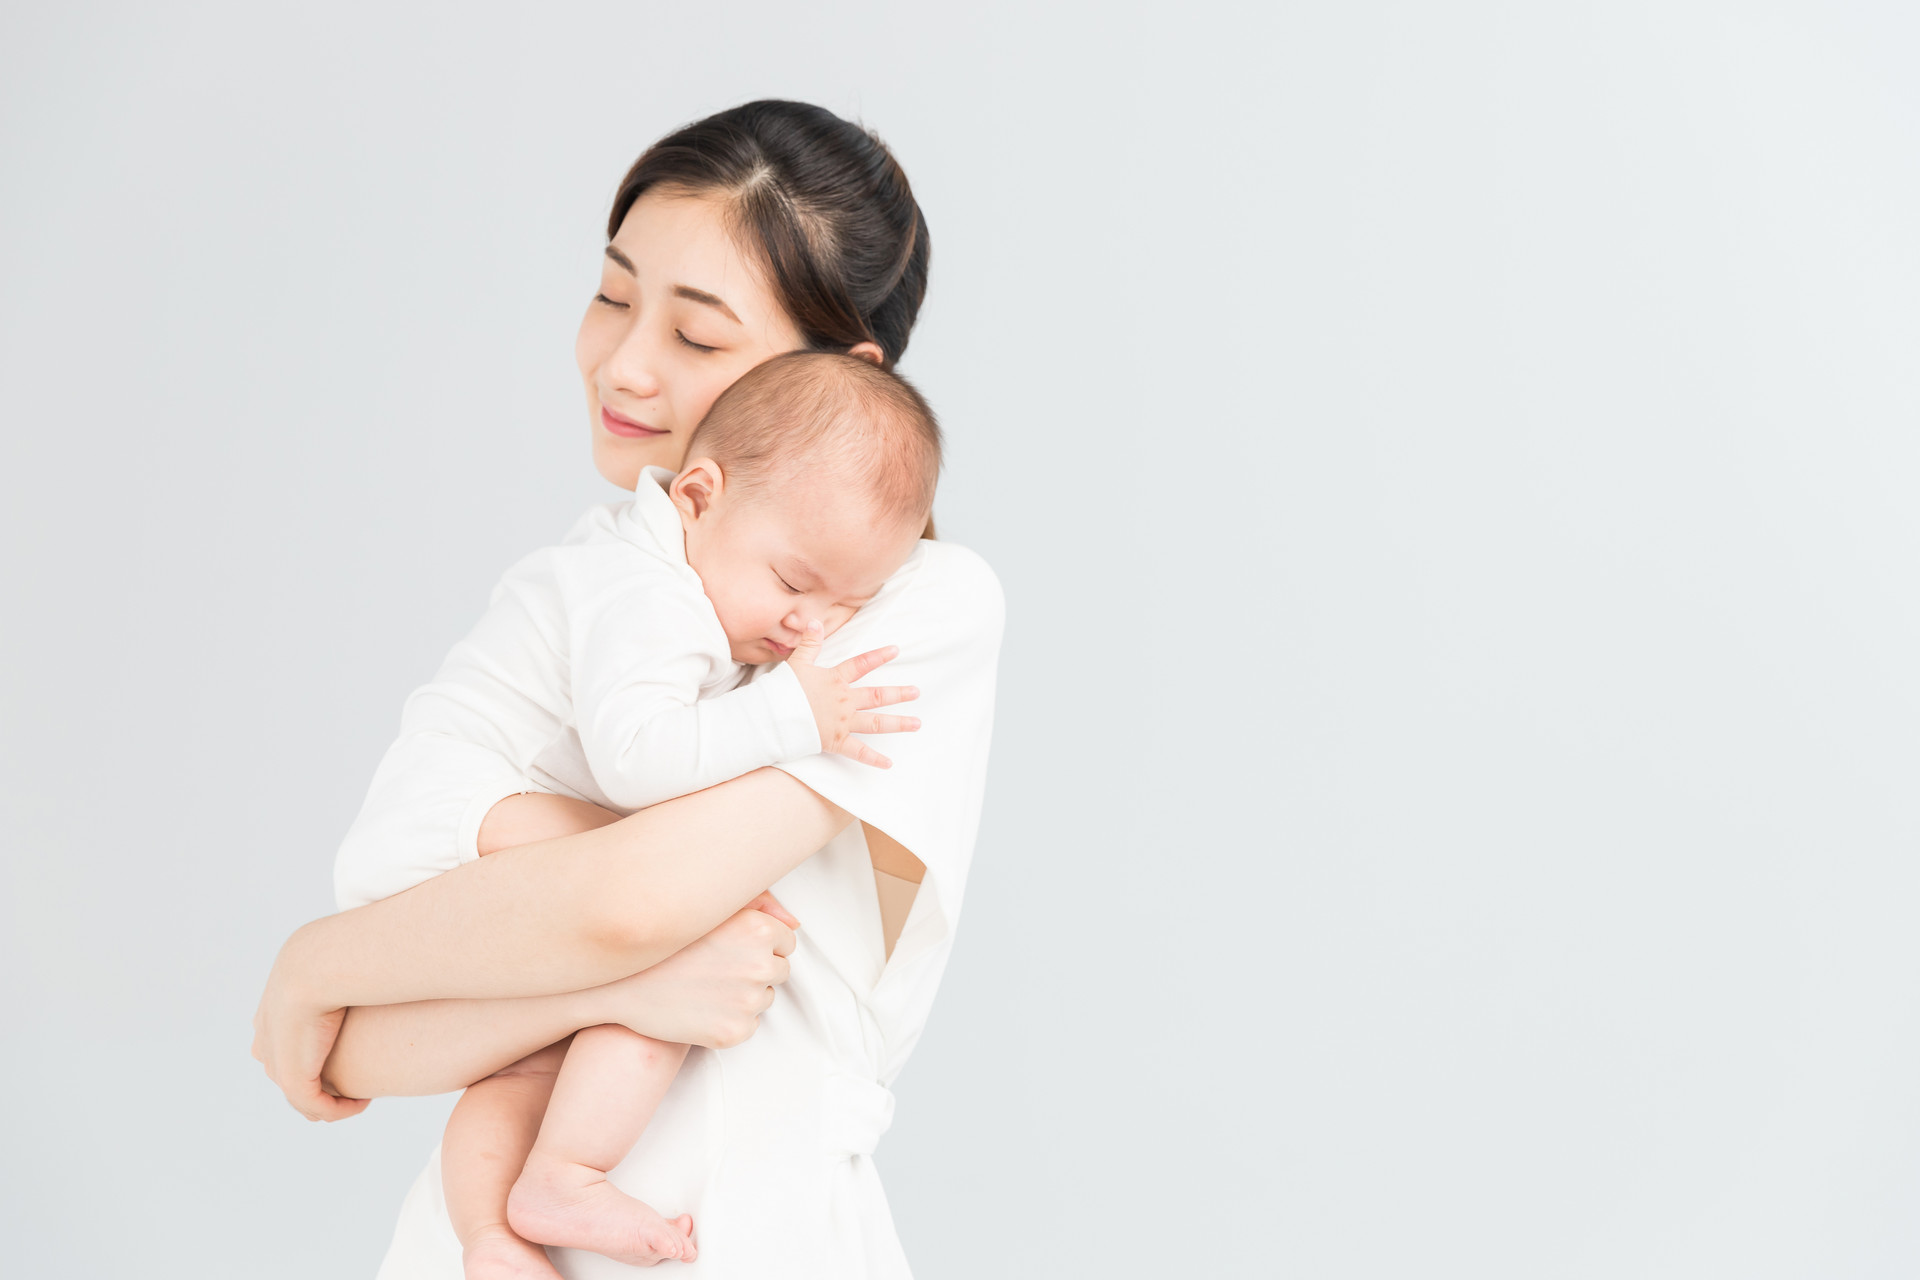 新生儿喜欢被抱着走来走去,坐下又哭?多半原因在家长身上